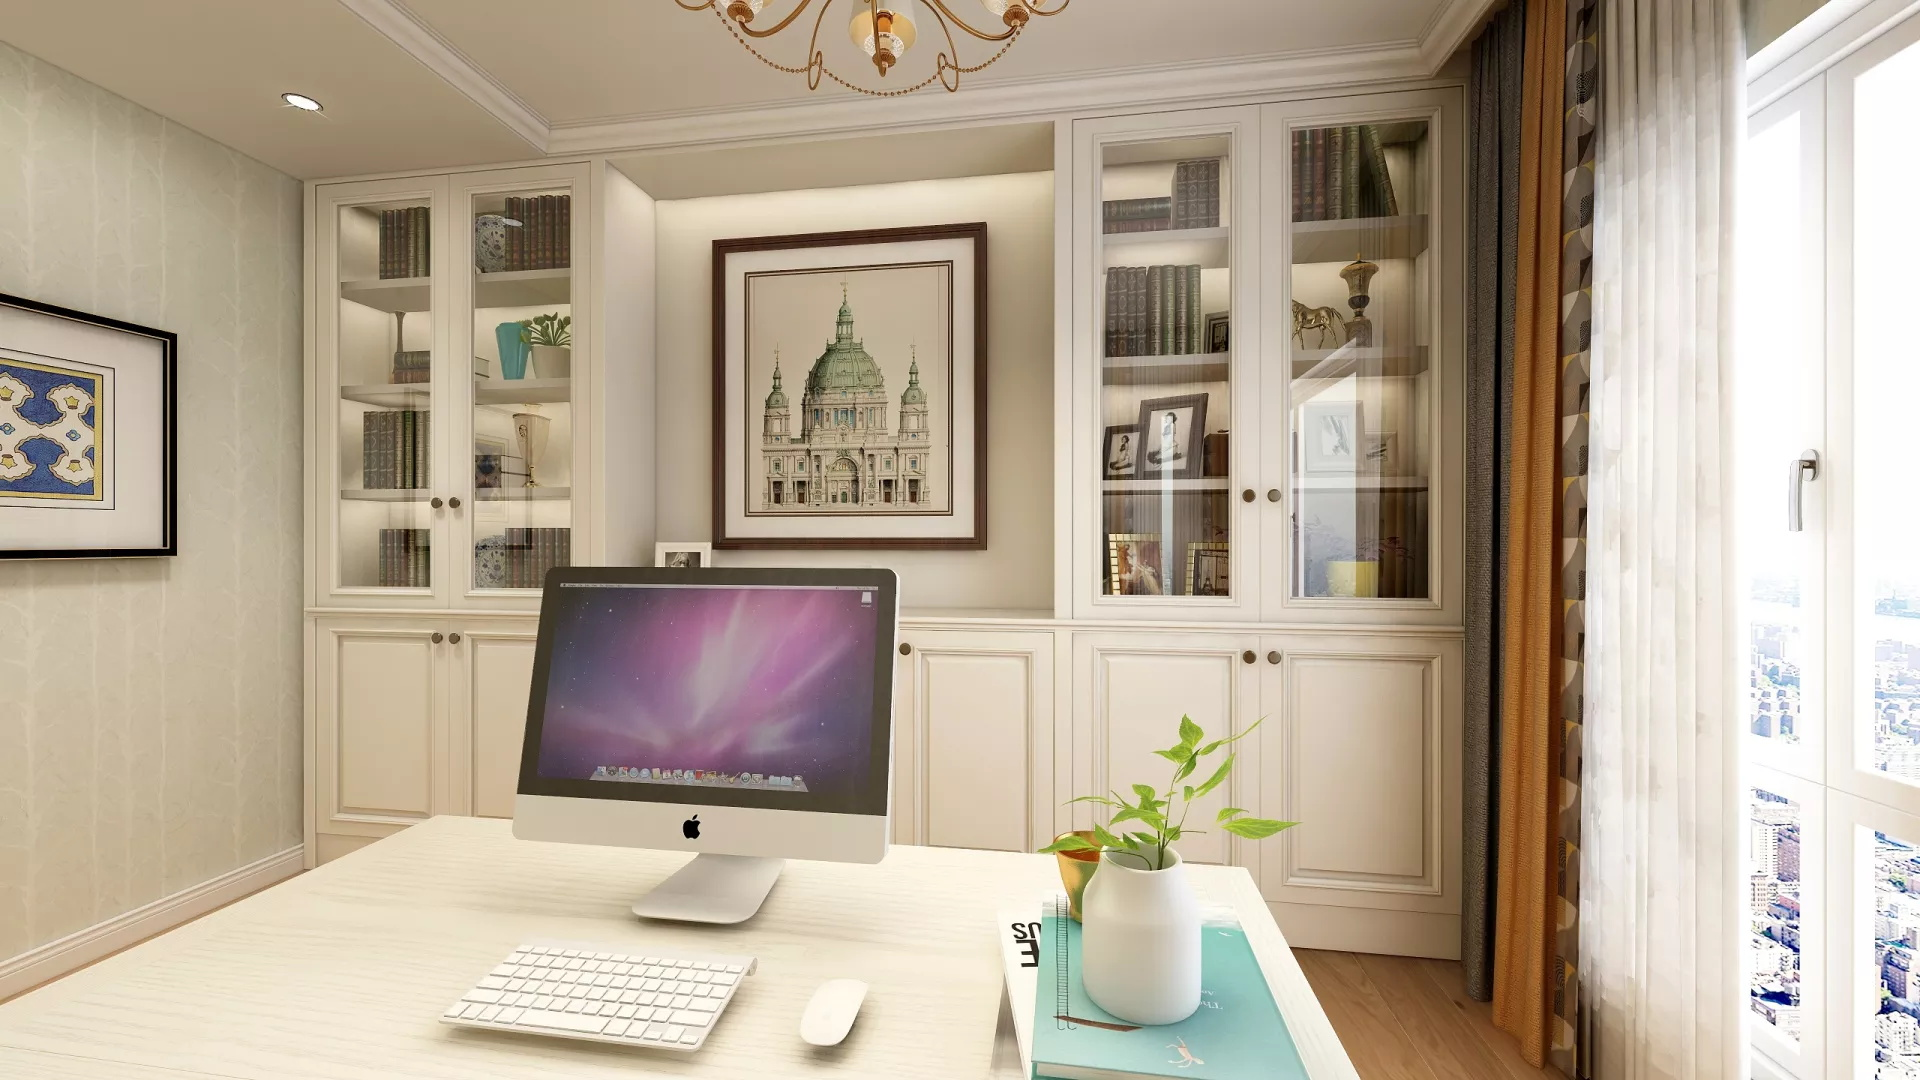 家庭吧台装修设计尺寸是多大 家庭吧台吧台椅尺寸